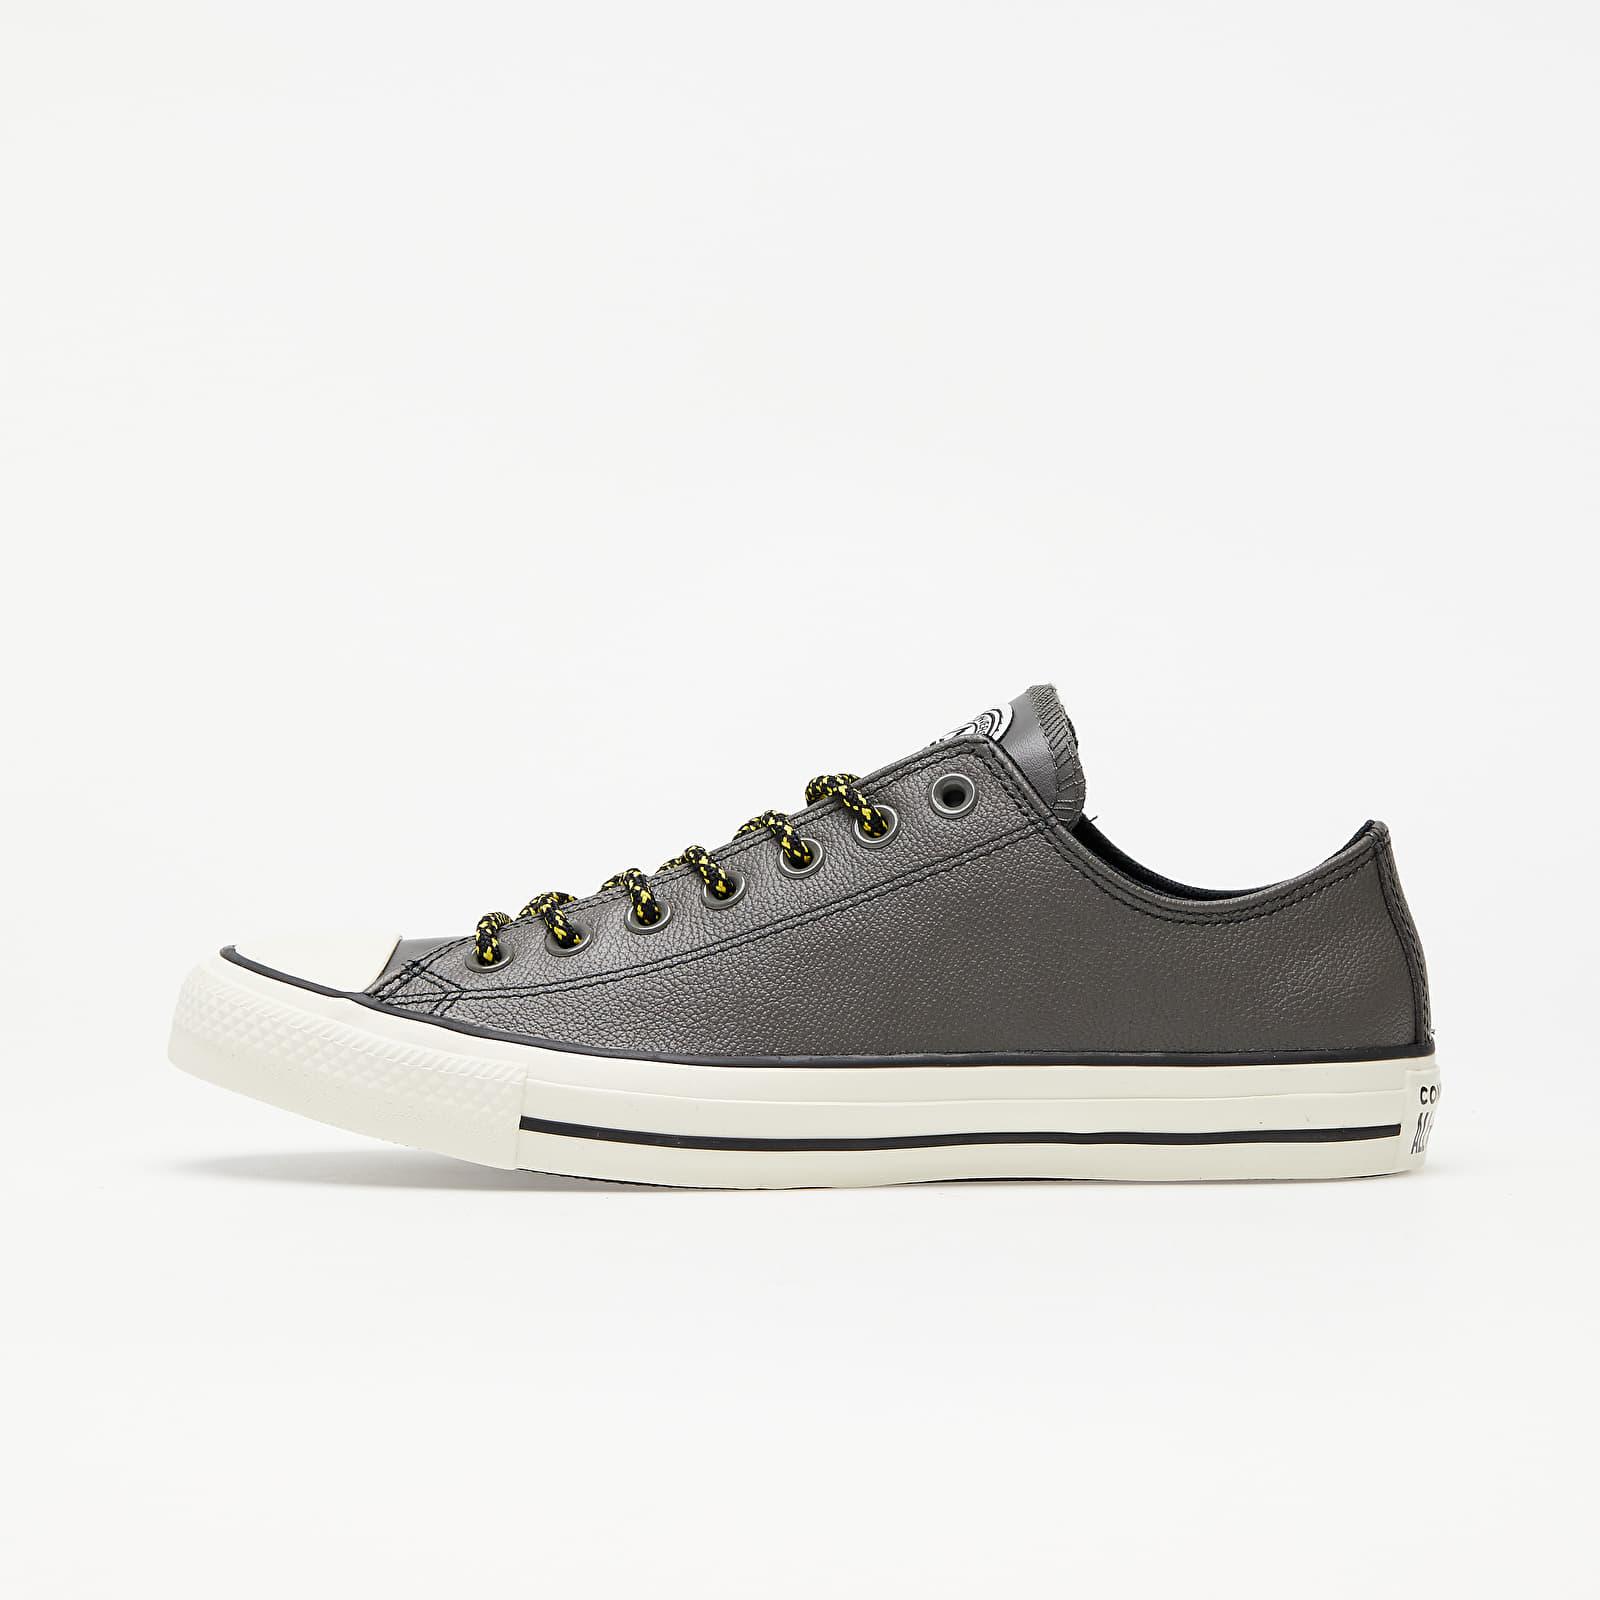 Ανδρικά παπούτσια Converse Chuck Taylor All Star Archival Leather Carbon Grey/ Vivid Sulfur/ Egret